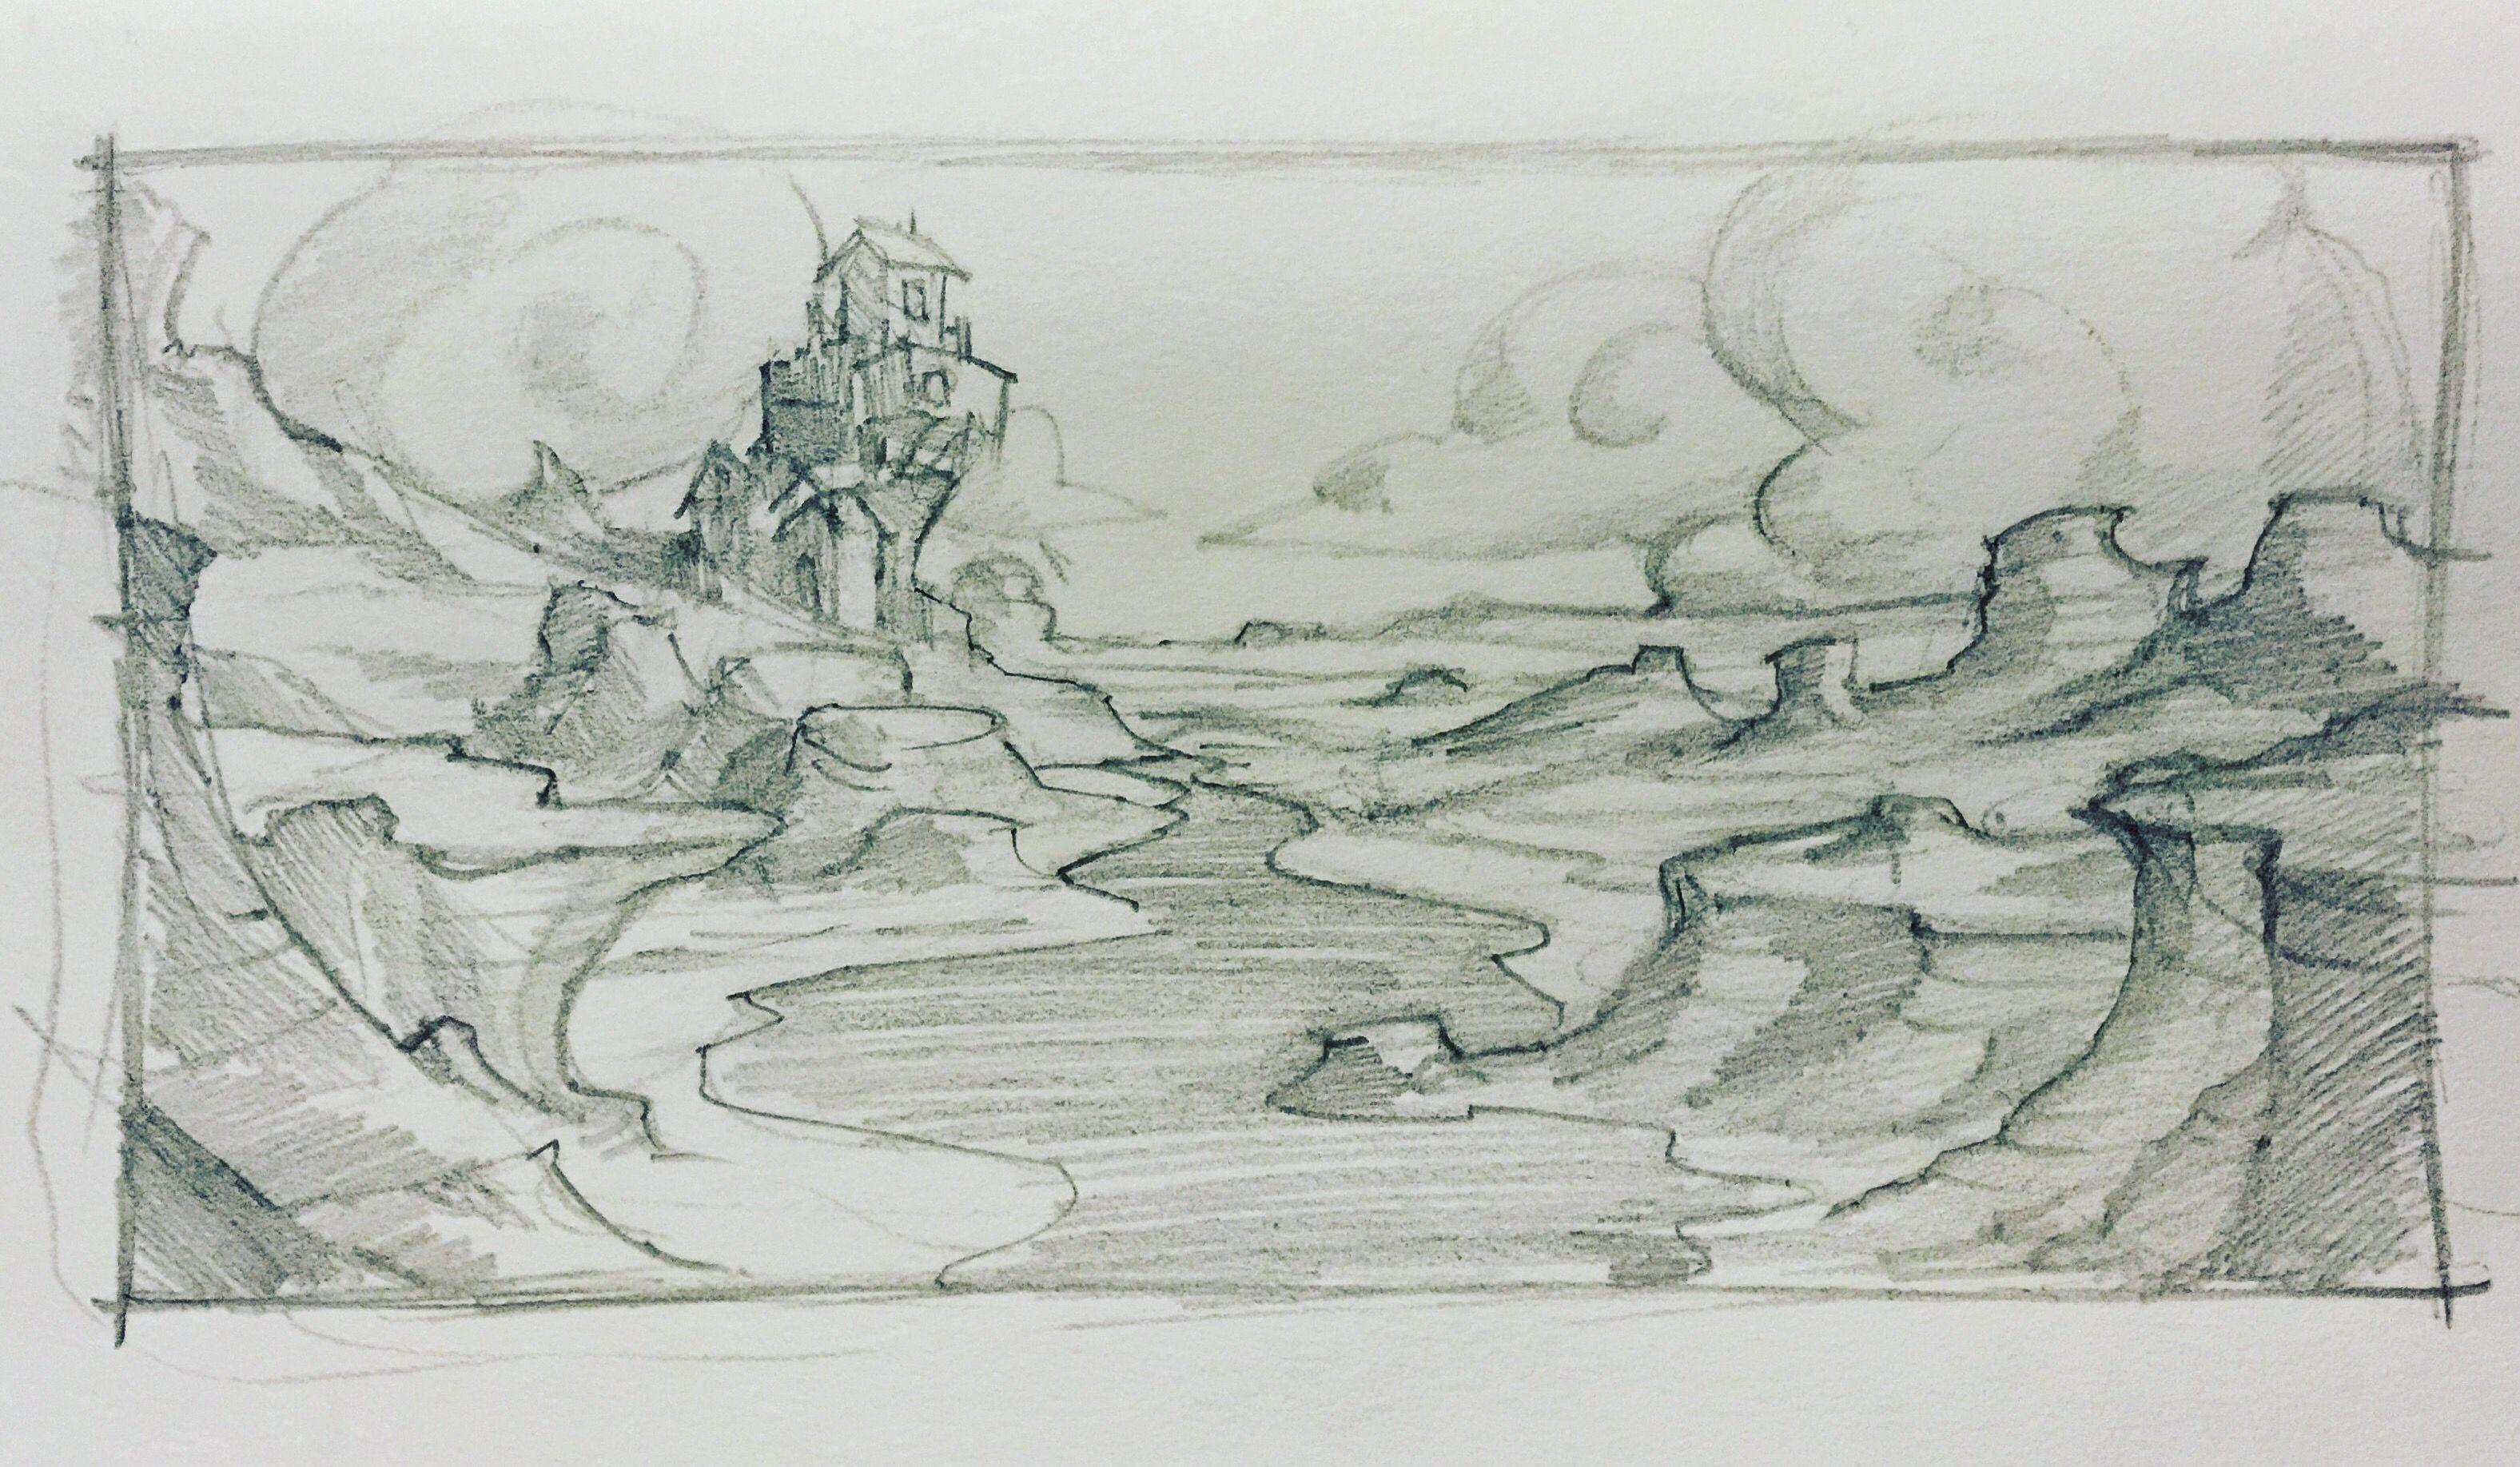 2 cartoon animated background landscape scene pencil sketch